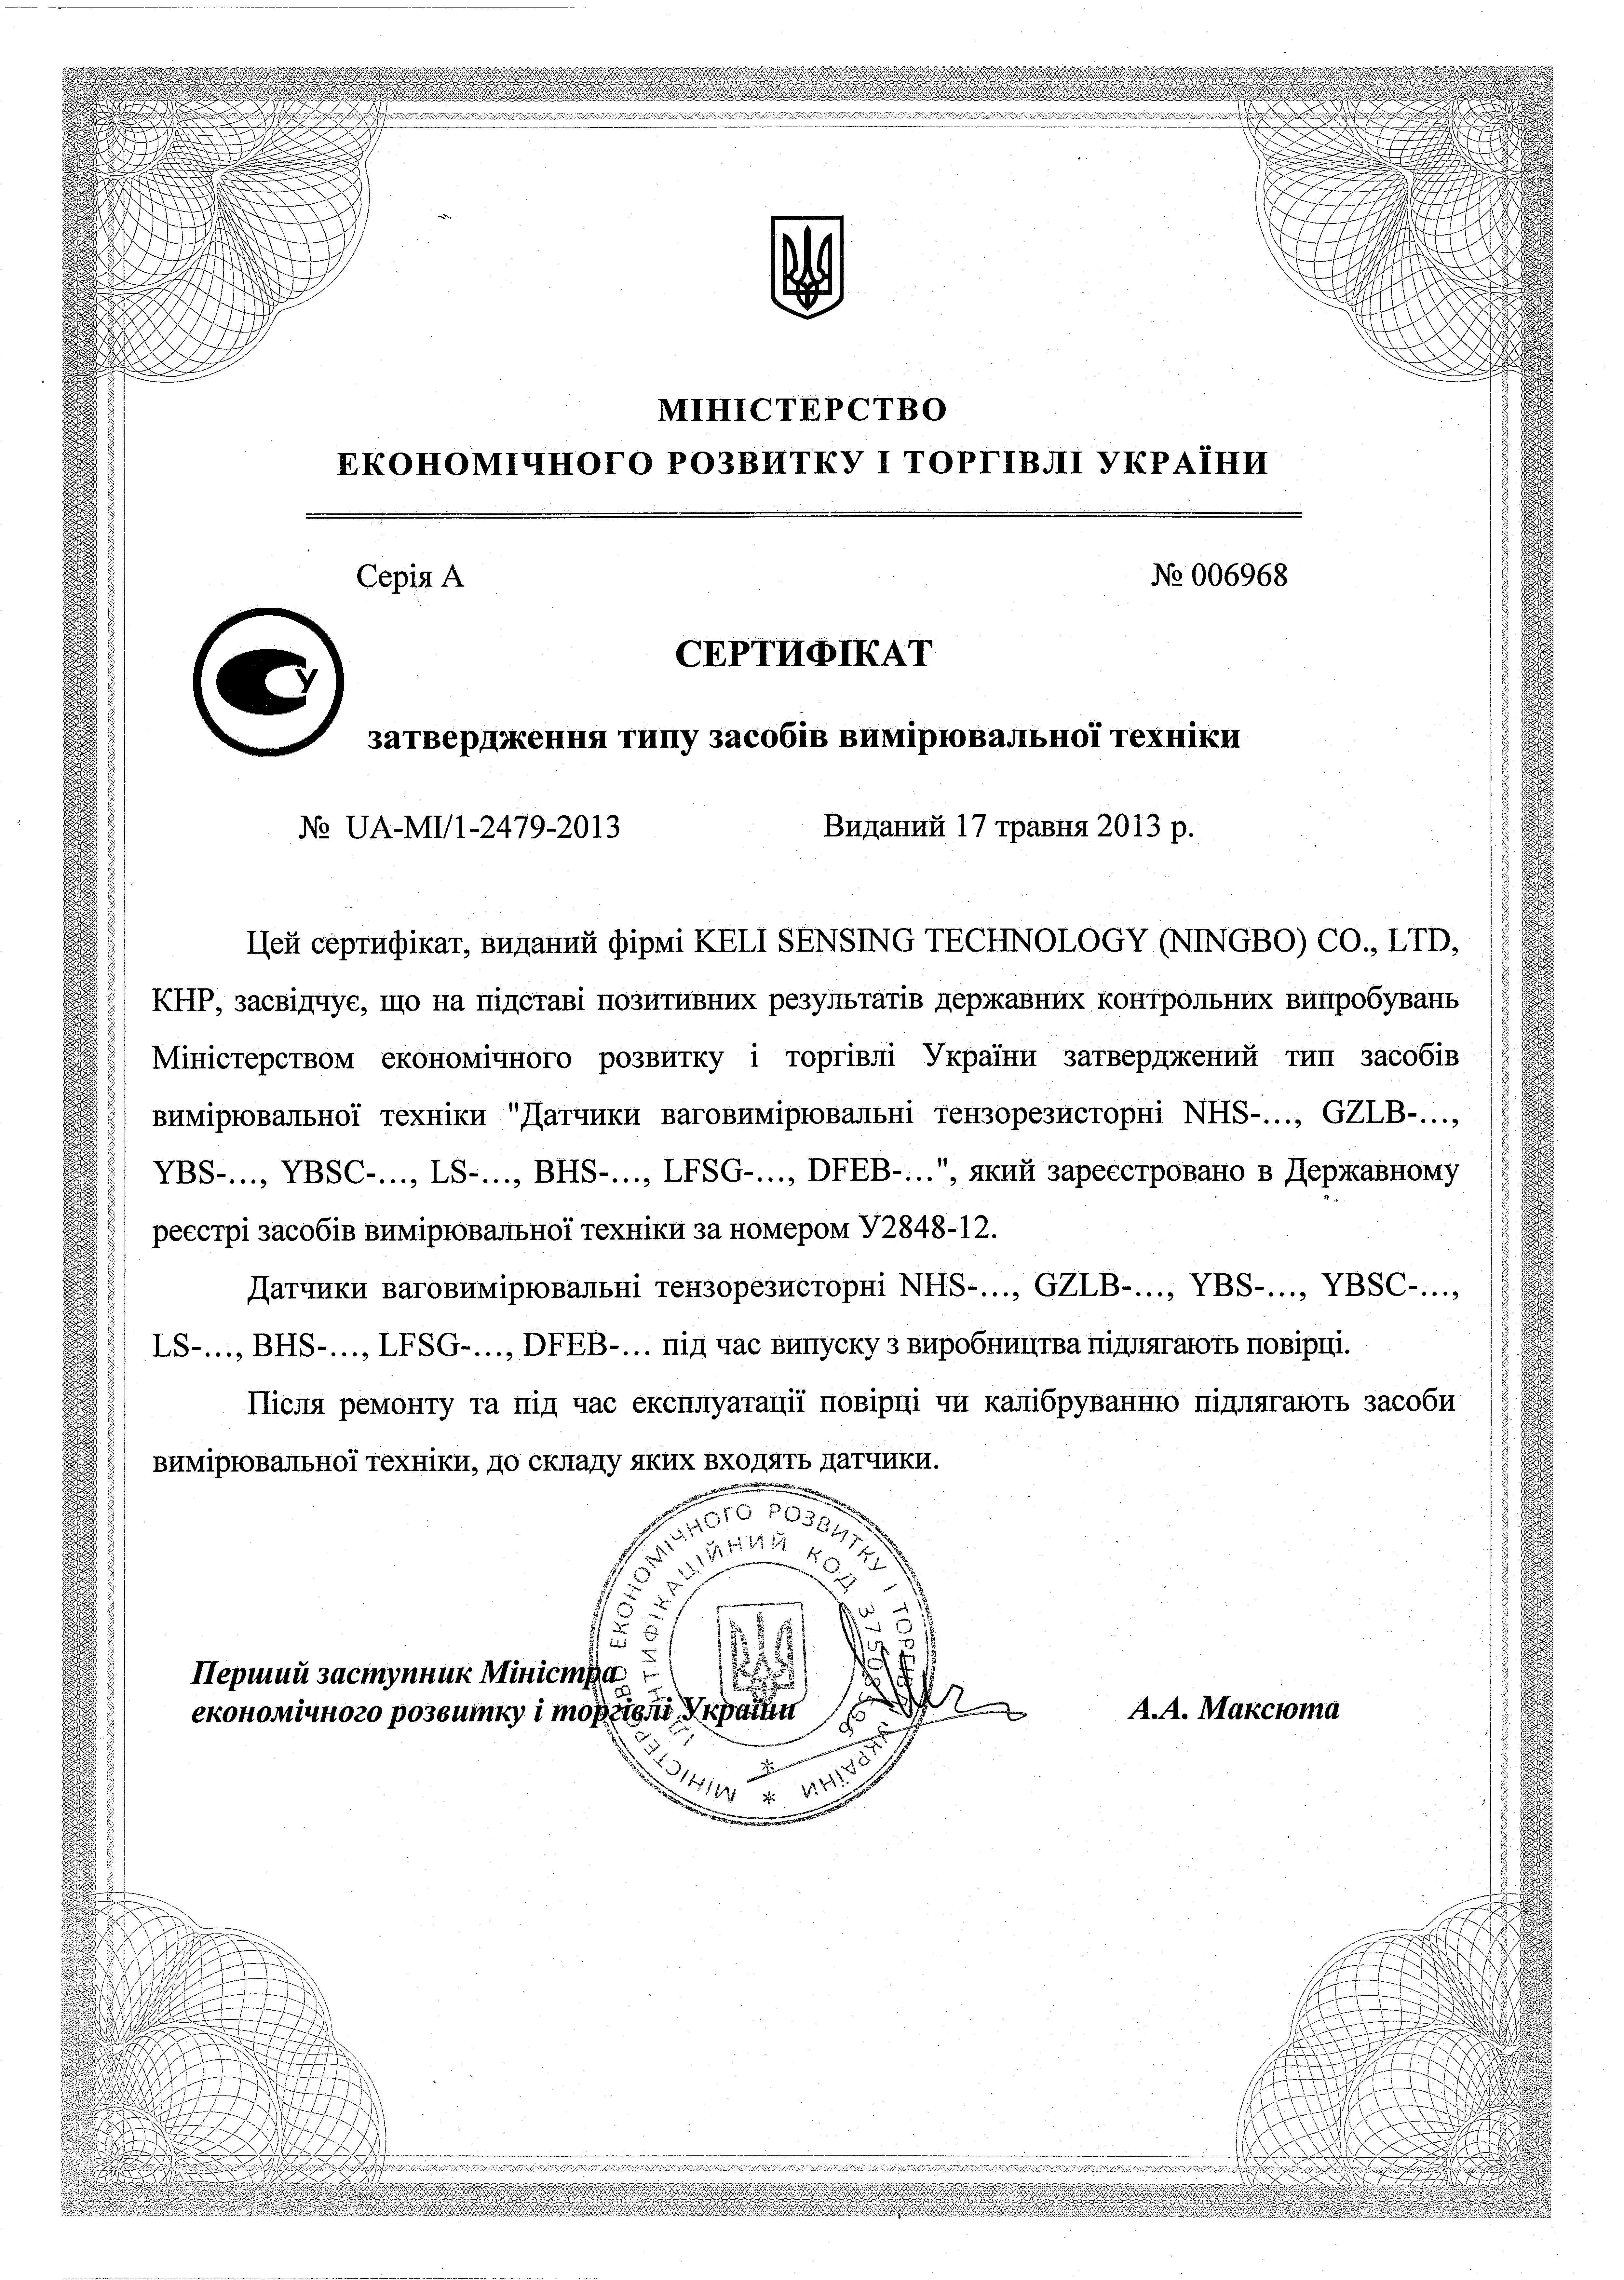 KELI сертификат утверждения типа прочие датчики У2848-12